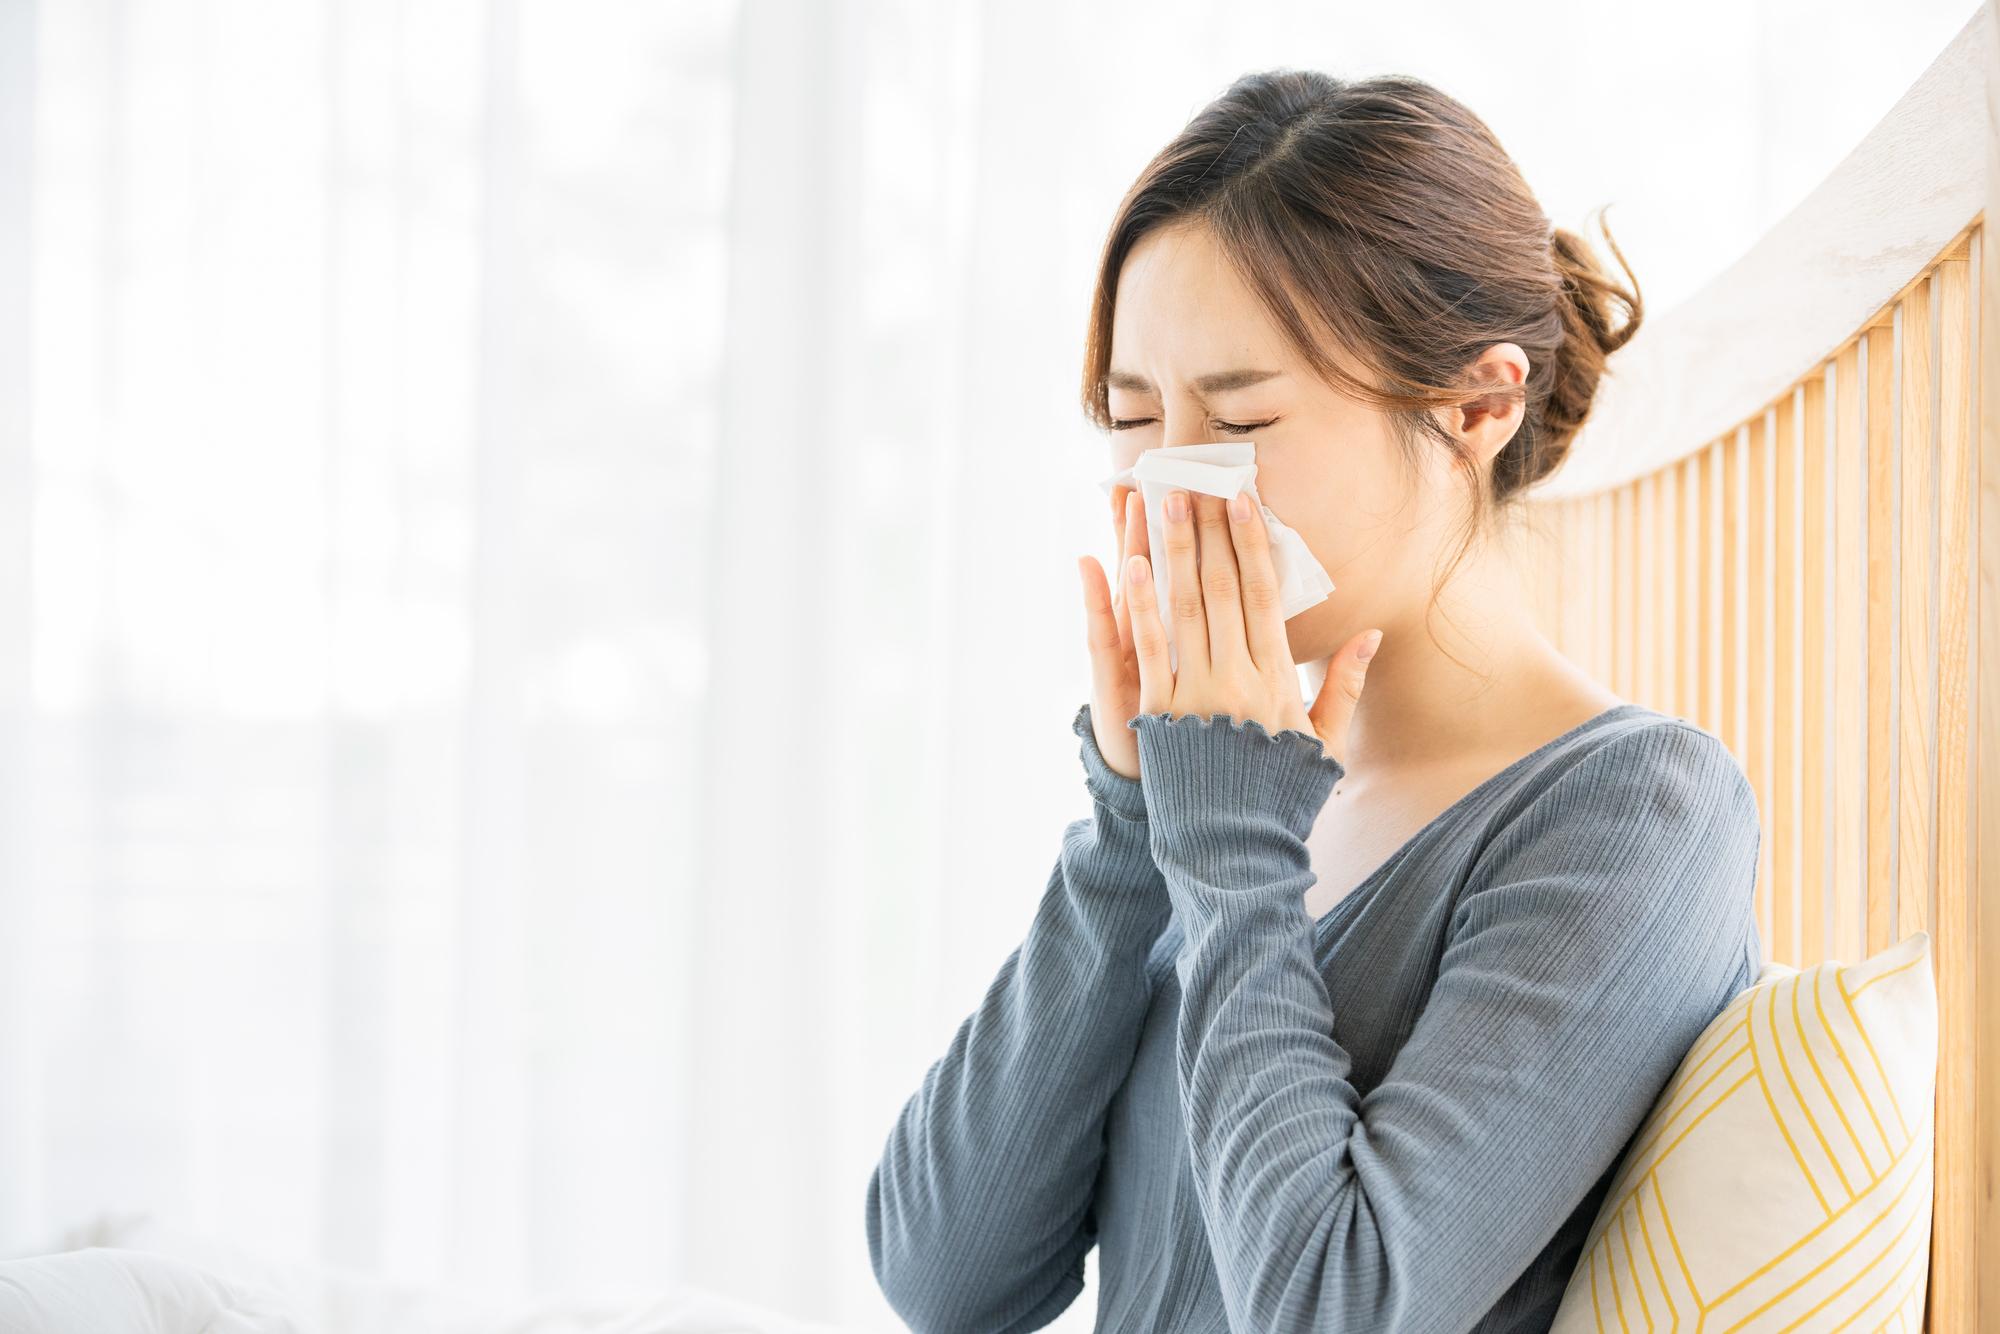 風邪かも…「鼻水の色」で食べるものを変えよう! 薬膳の知恵を伝授